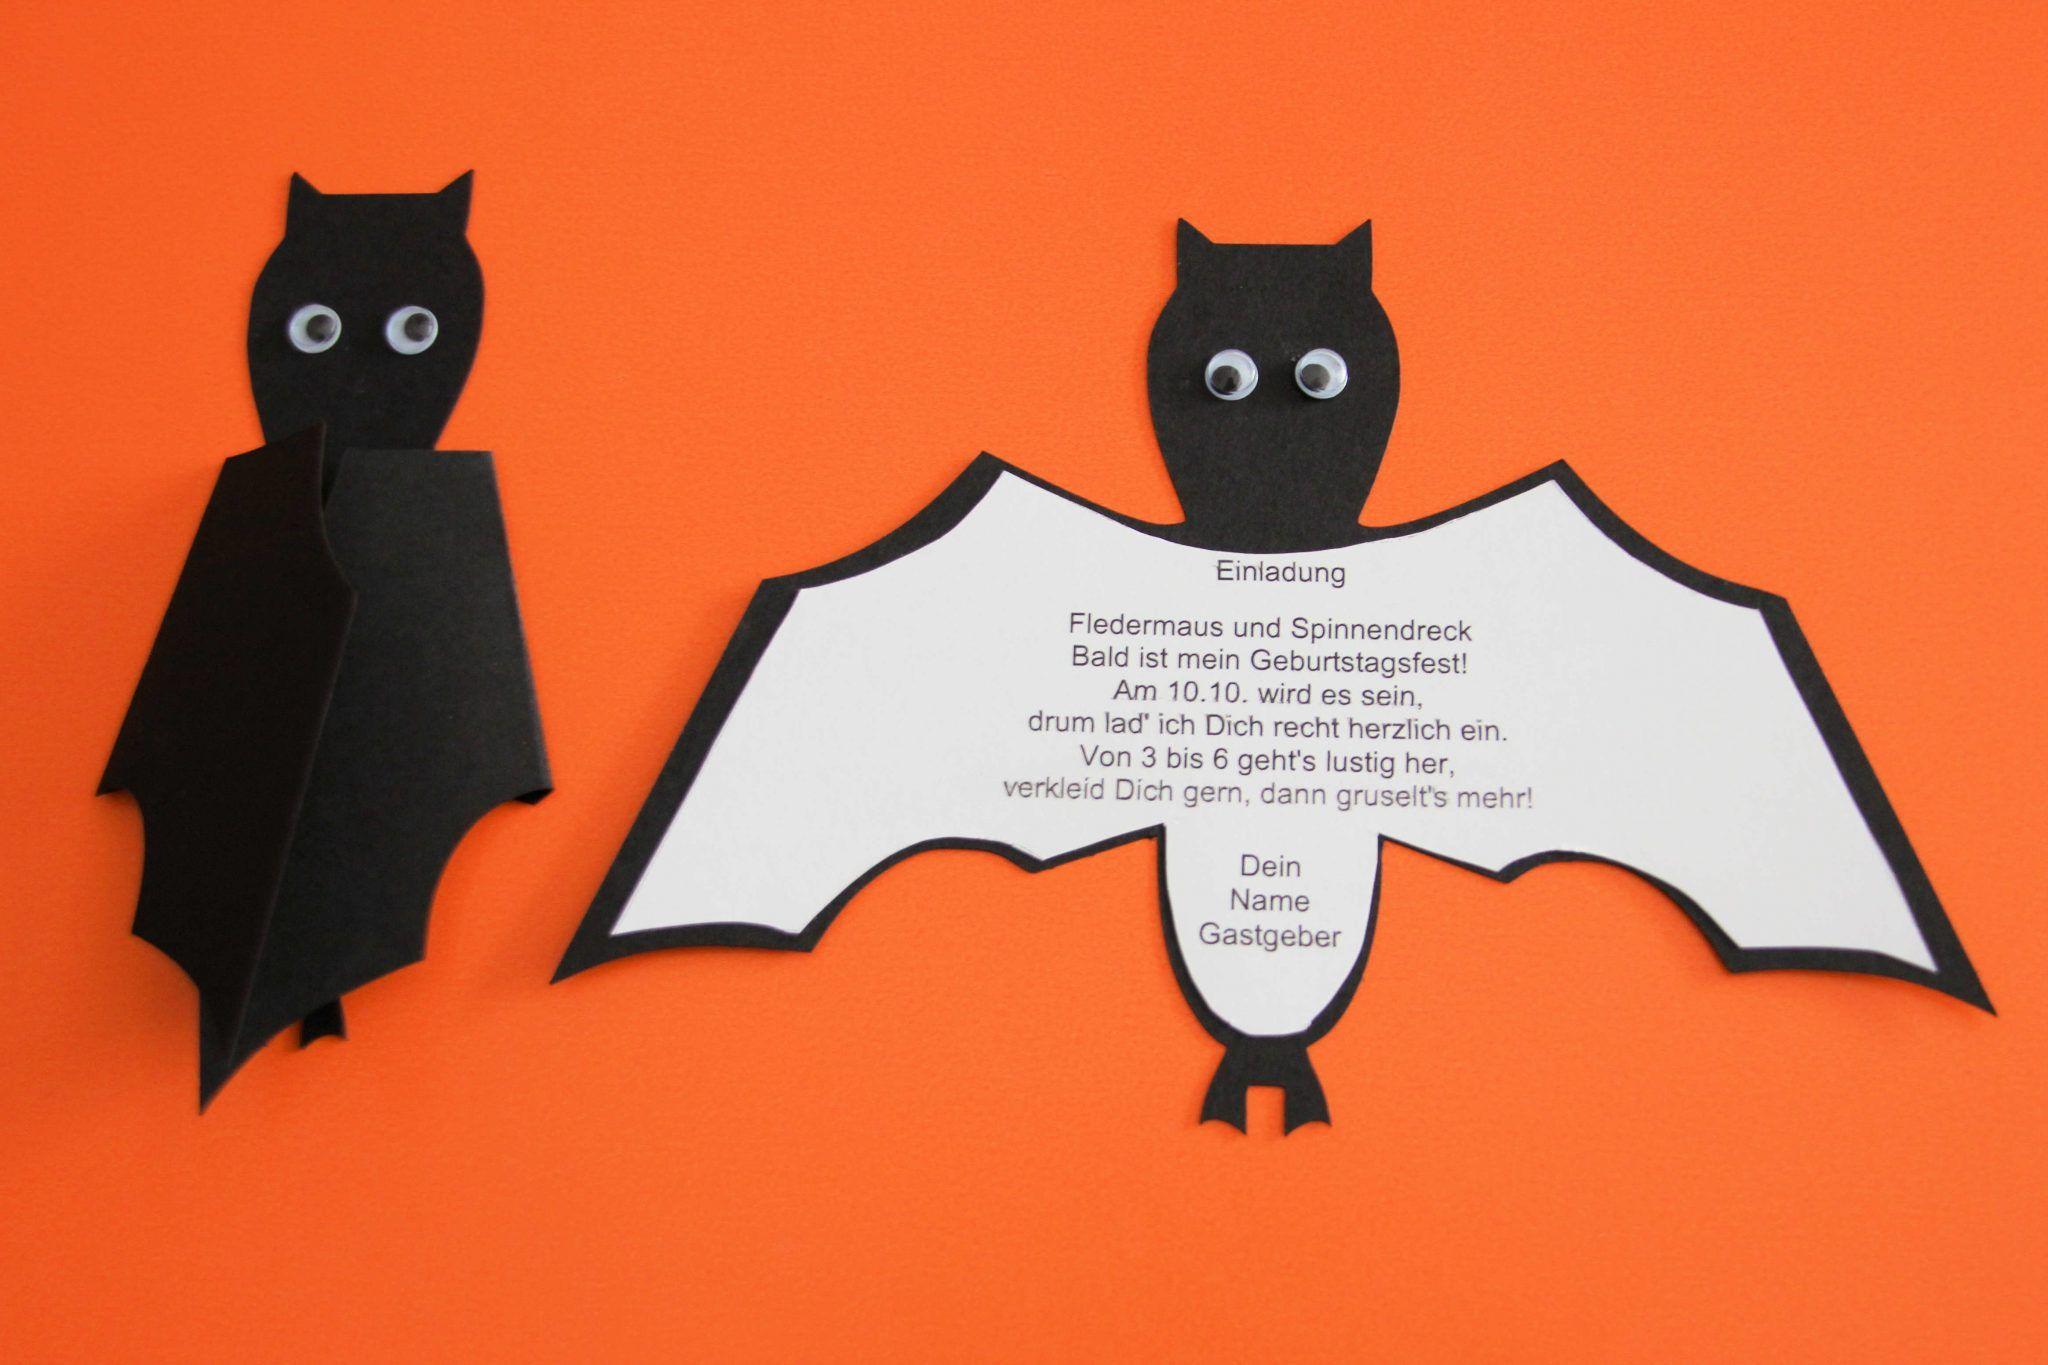 Halloween Einladung Fledermaus   Zu Süß Zum Gruseln Und Darum Gerade  Richtig Für Die Halloween